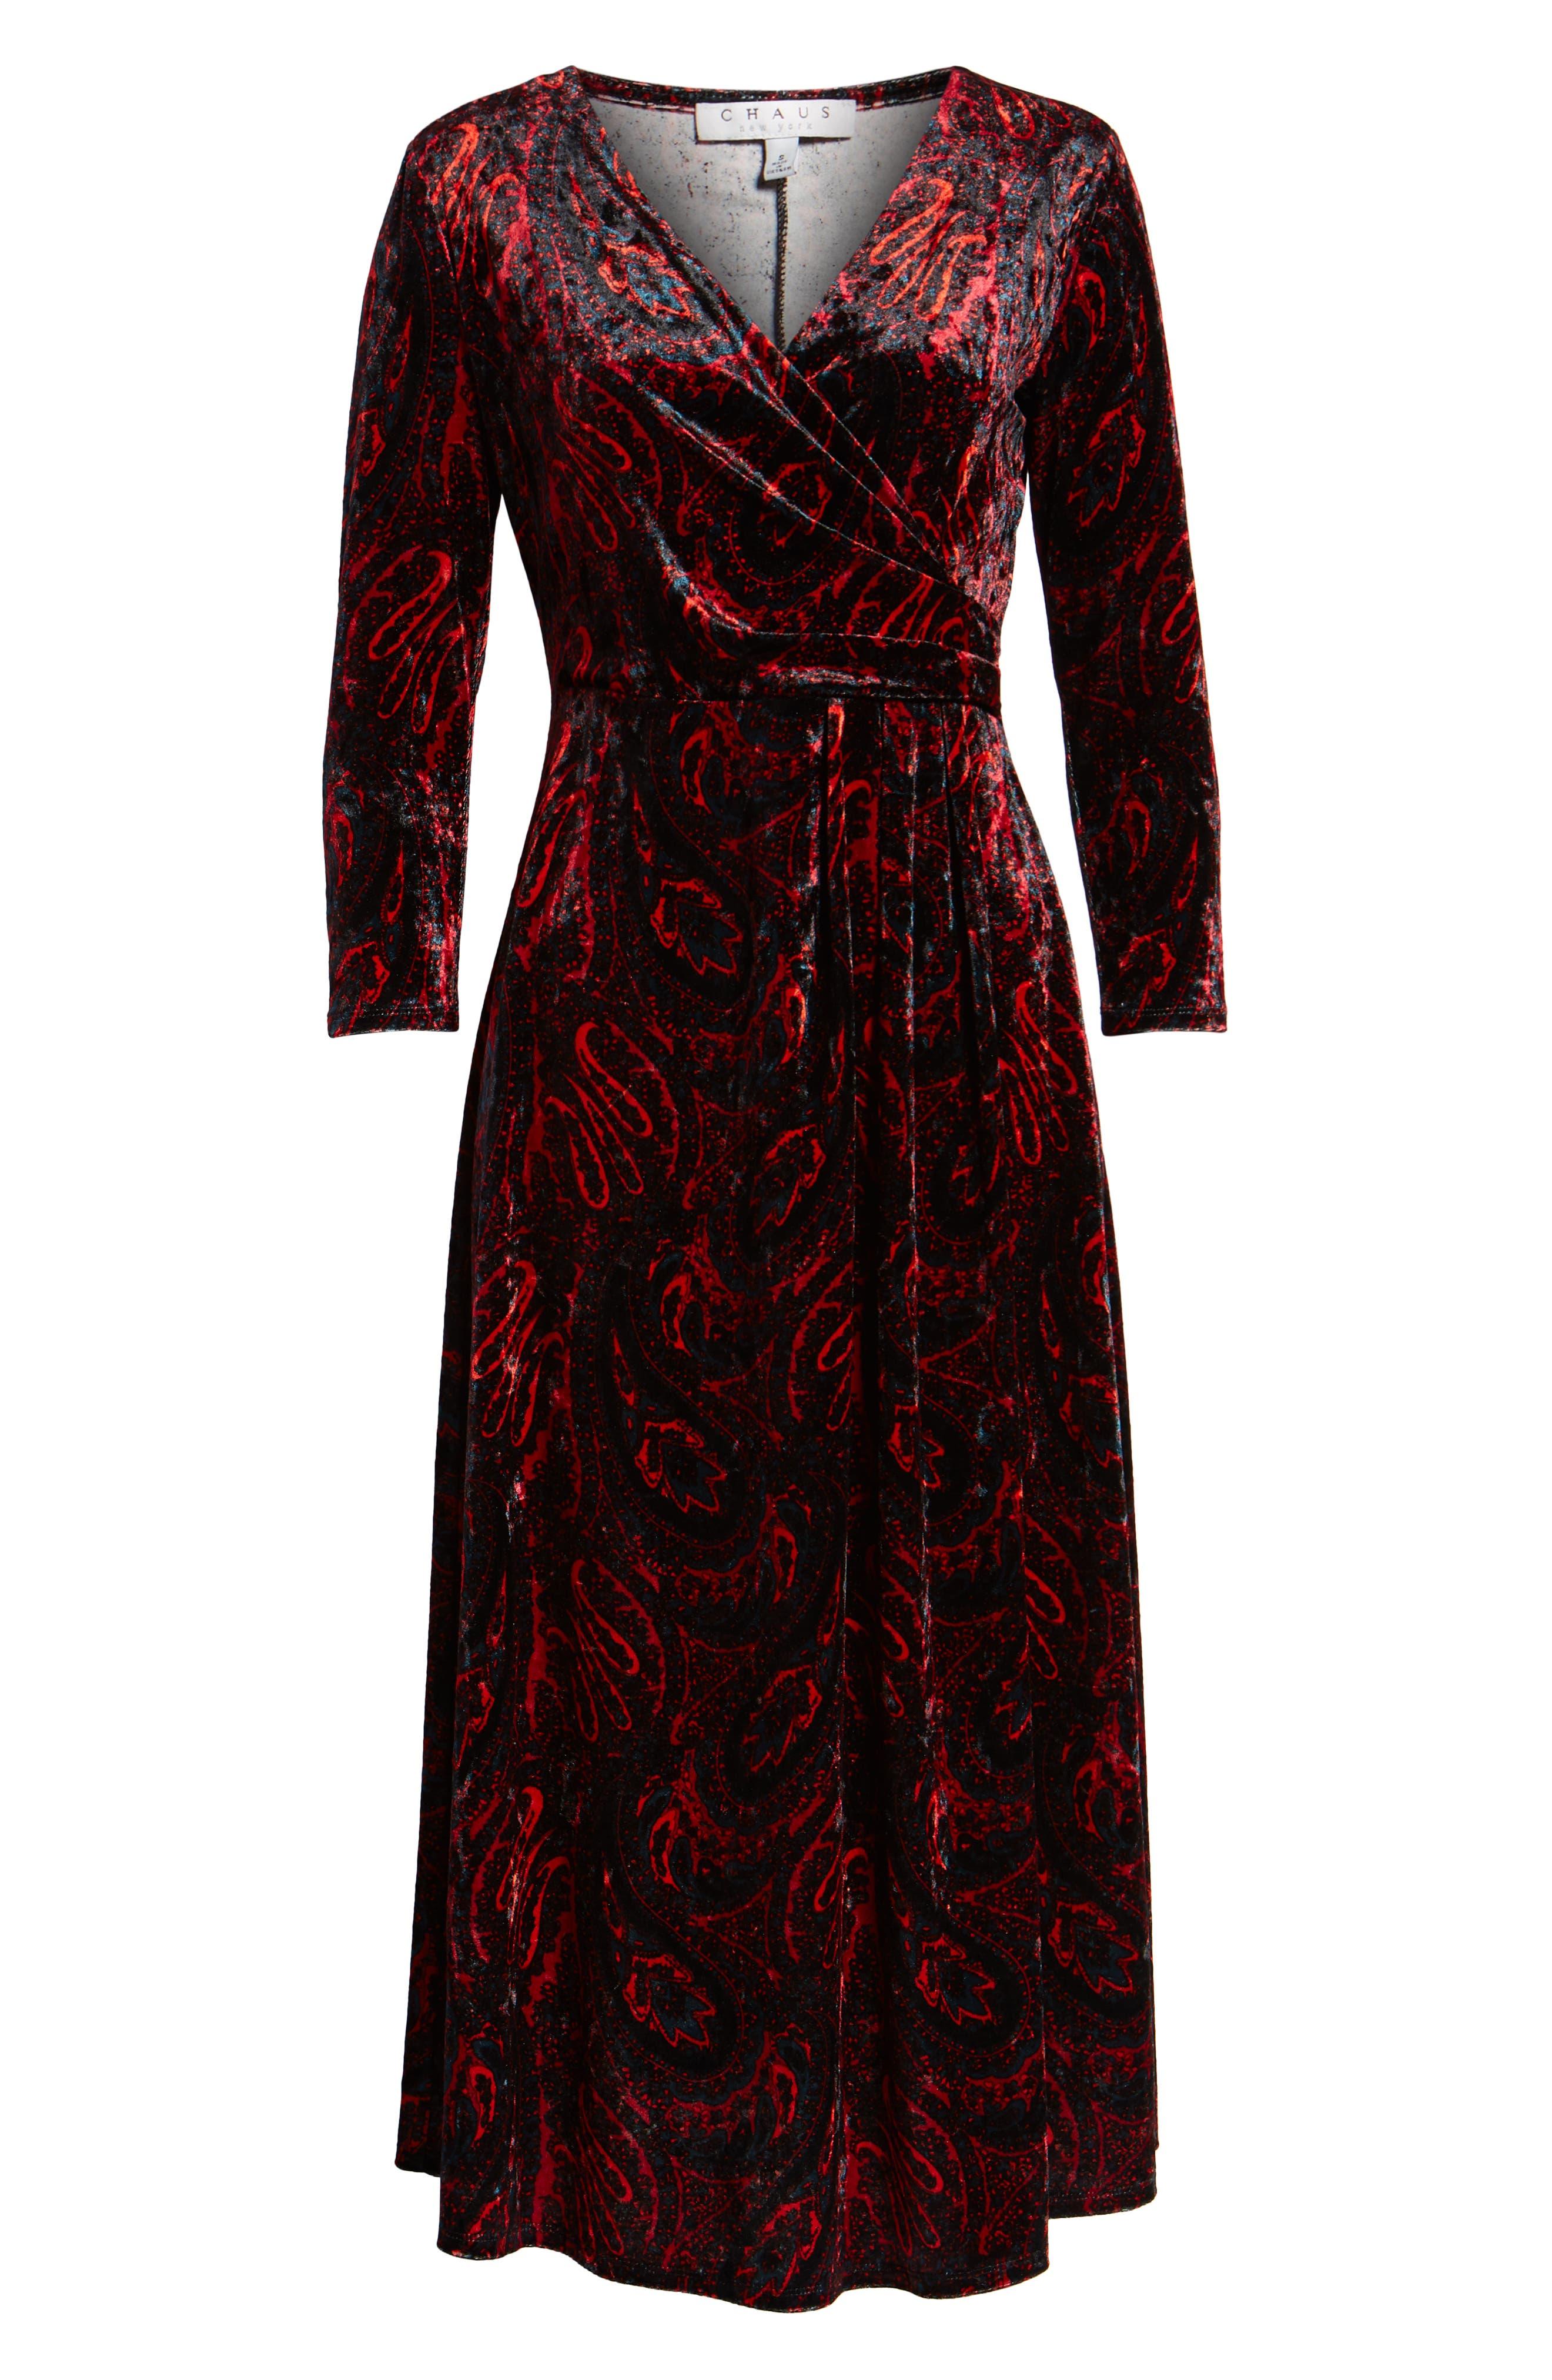 CHAUS,                             Paisley Velvet Faux Wrap Dress,                             Alternate thumbnail 7, color,                             RICH BLACK